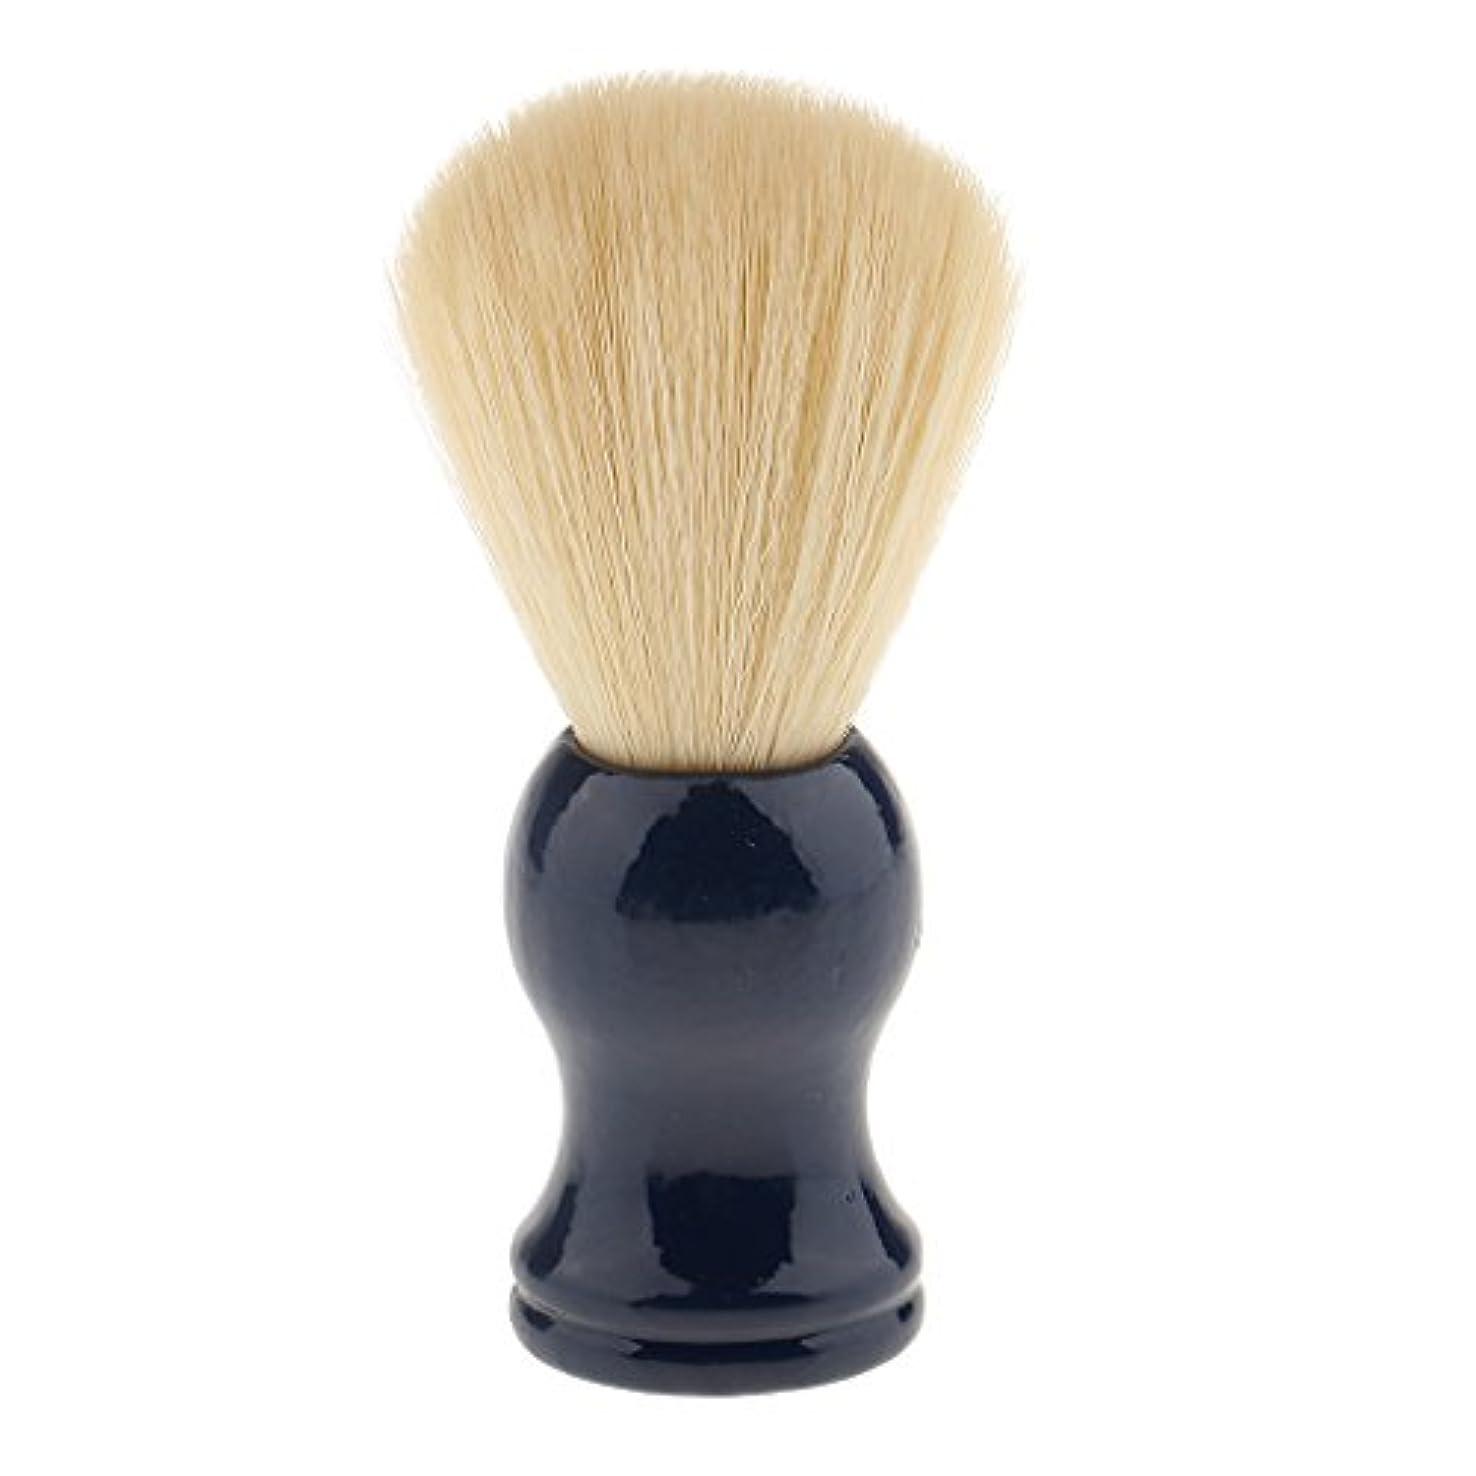 安定しました眉をひそめる危険にさらされているBaoblaze ナイロン ひげブラシ シェービング ブラシ 髭 泡立て 散髪整理  理髪用 サロン 快適 美容院